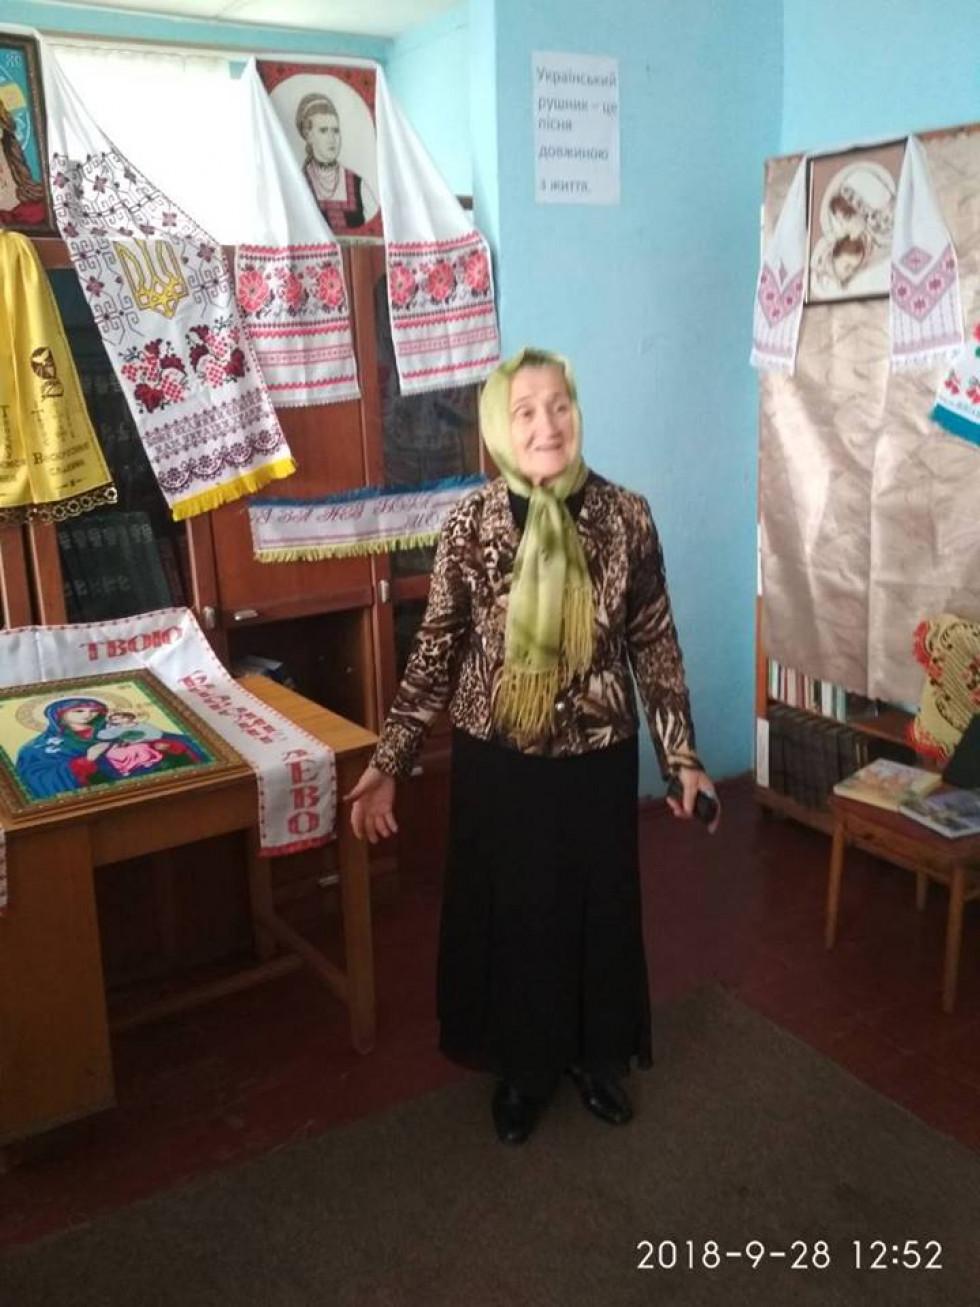 Місцева майстриня Анастасія Хацьор ознайомила зі своєю виставкою вишитих робіт.